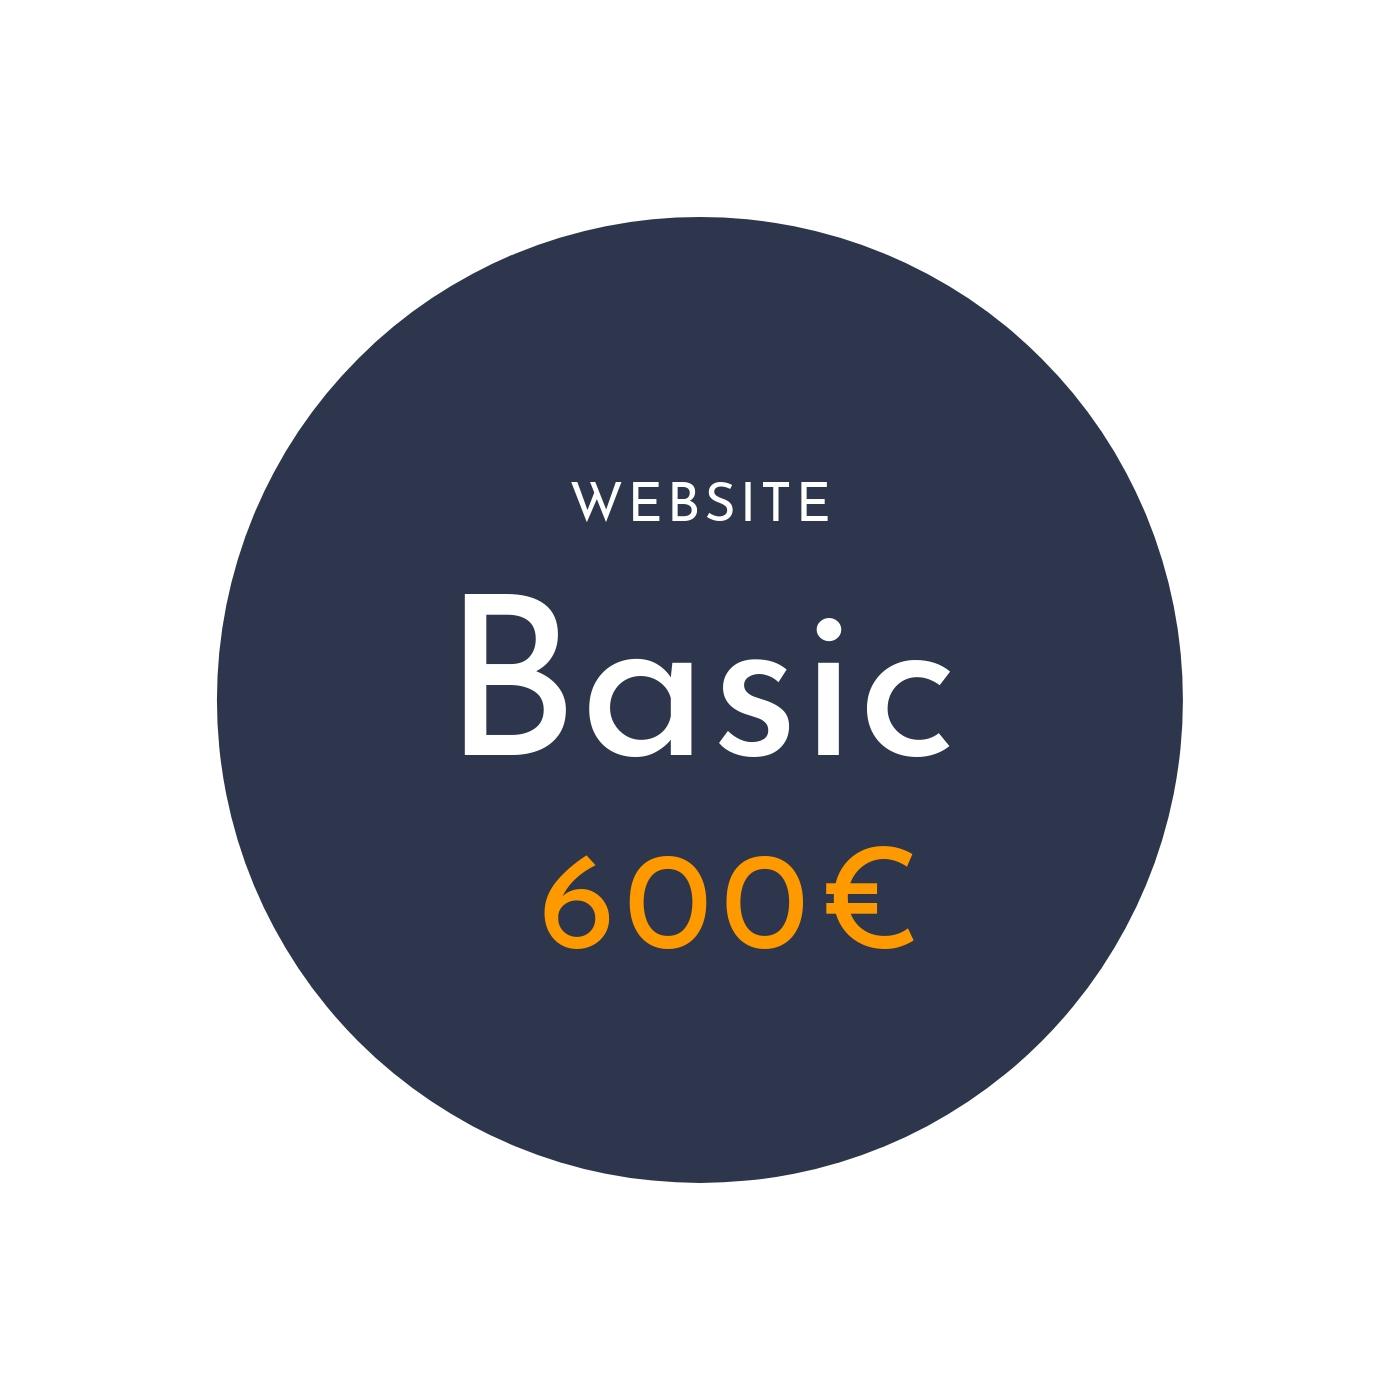 websitebasic.jpg